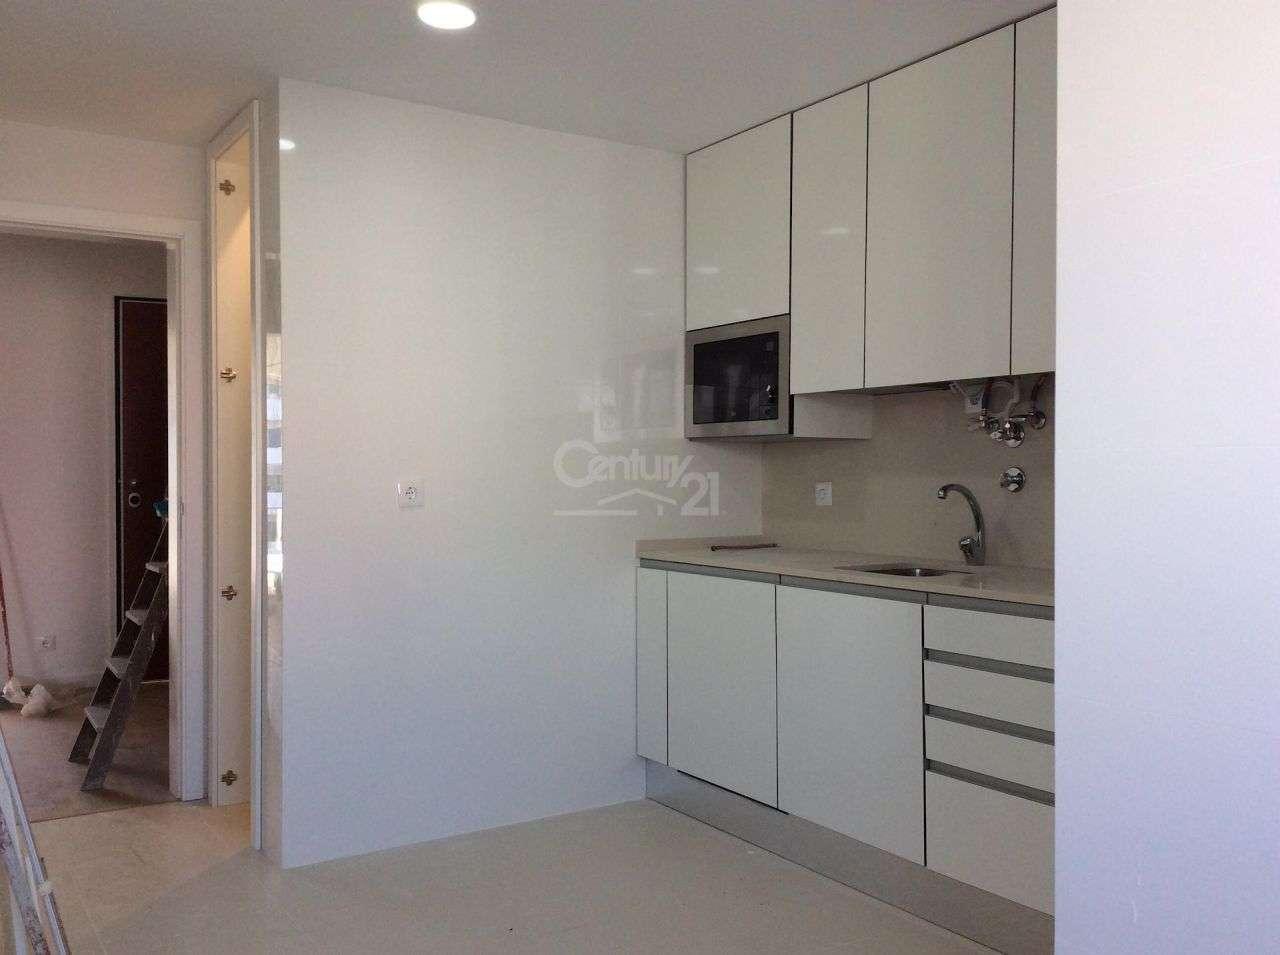 Apartamento para comprar, Mina de Água, Lisboa - Foto 1